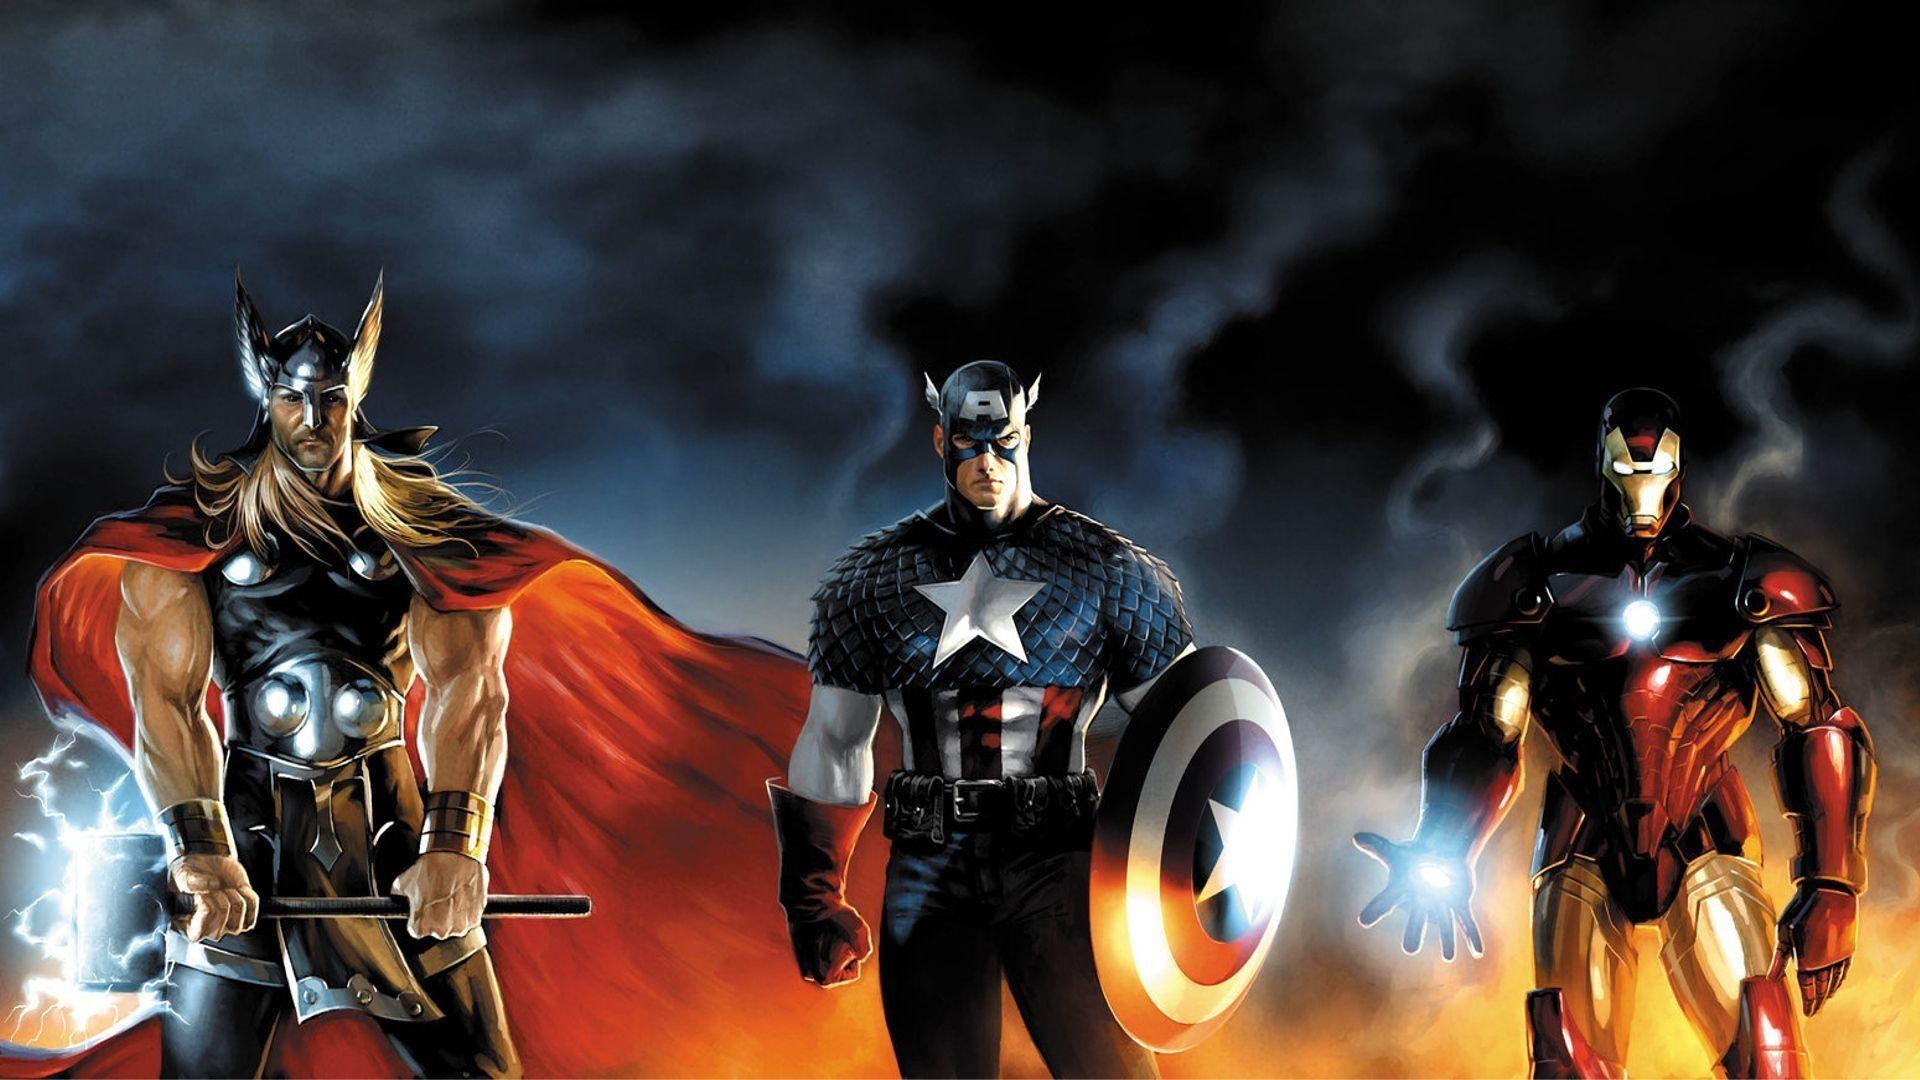 Superheroes Captain America Wallpaper Marvel Artwork Avengers Wallpaper